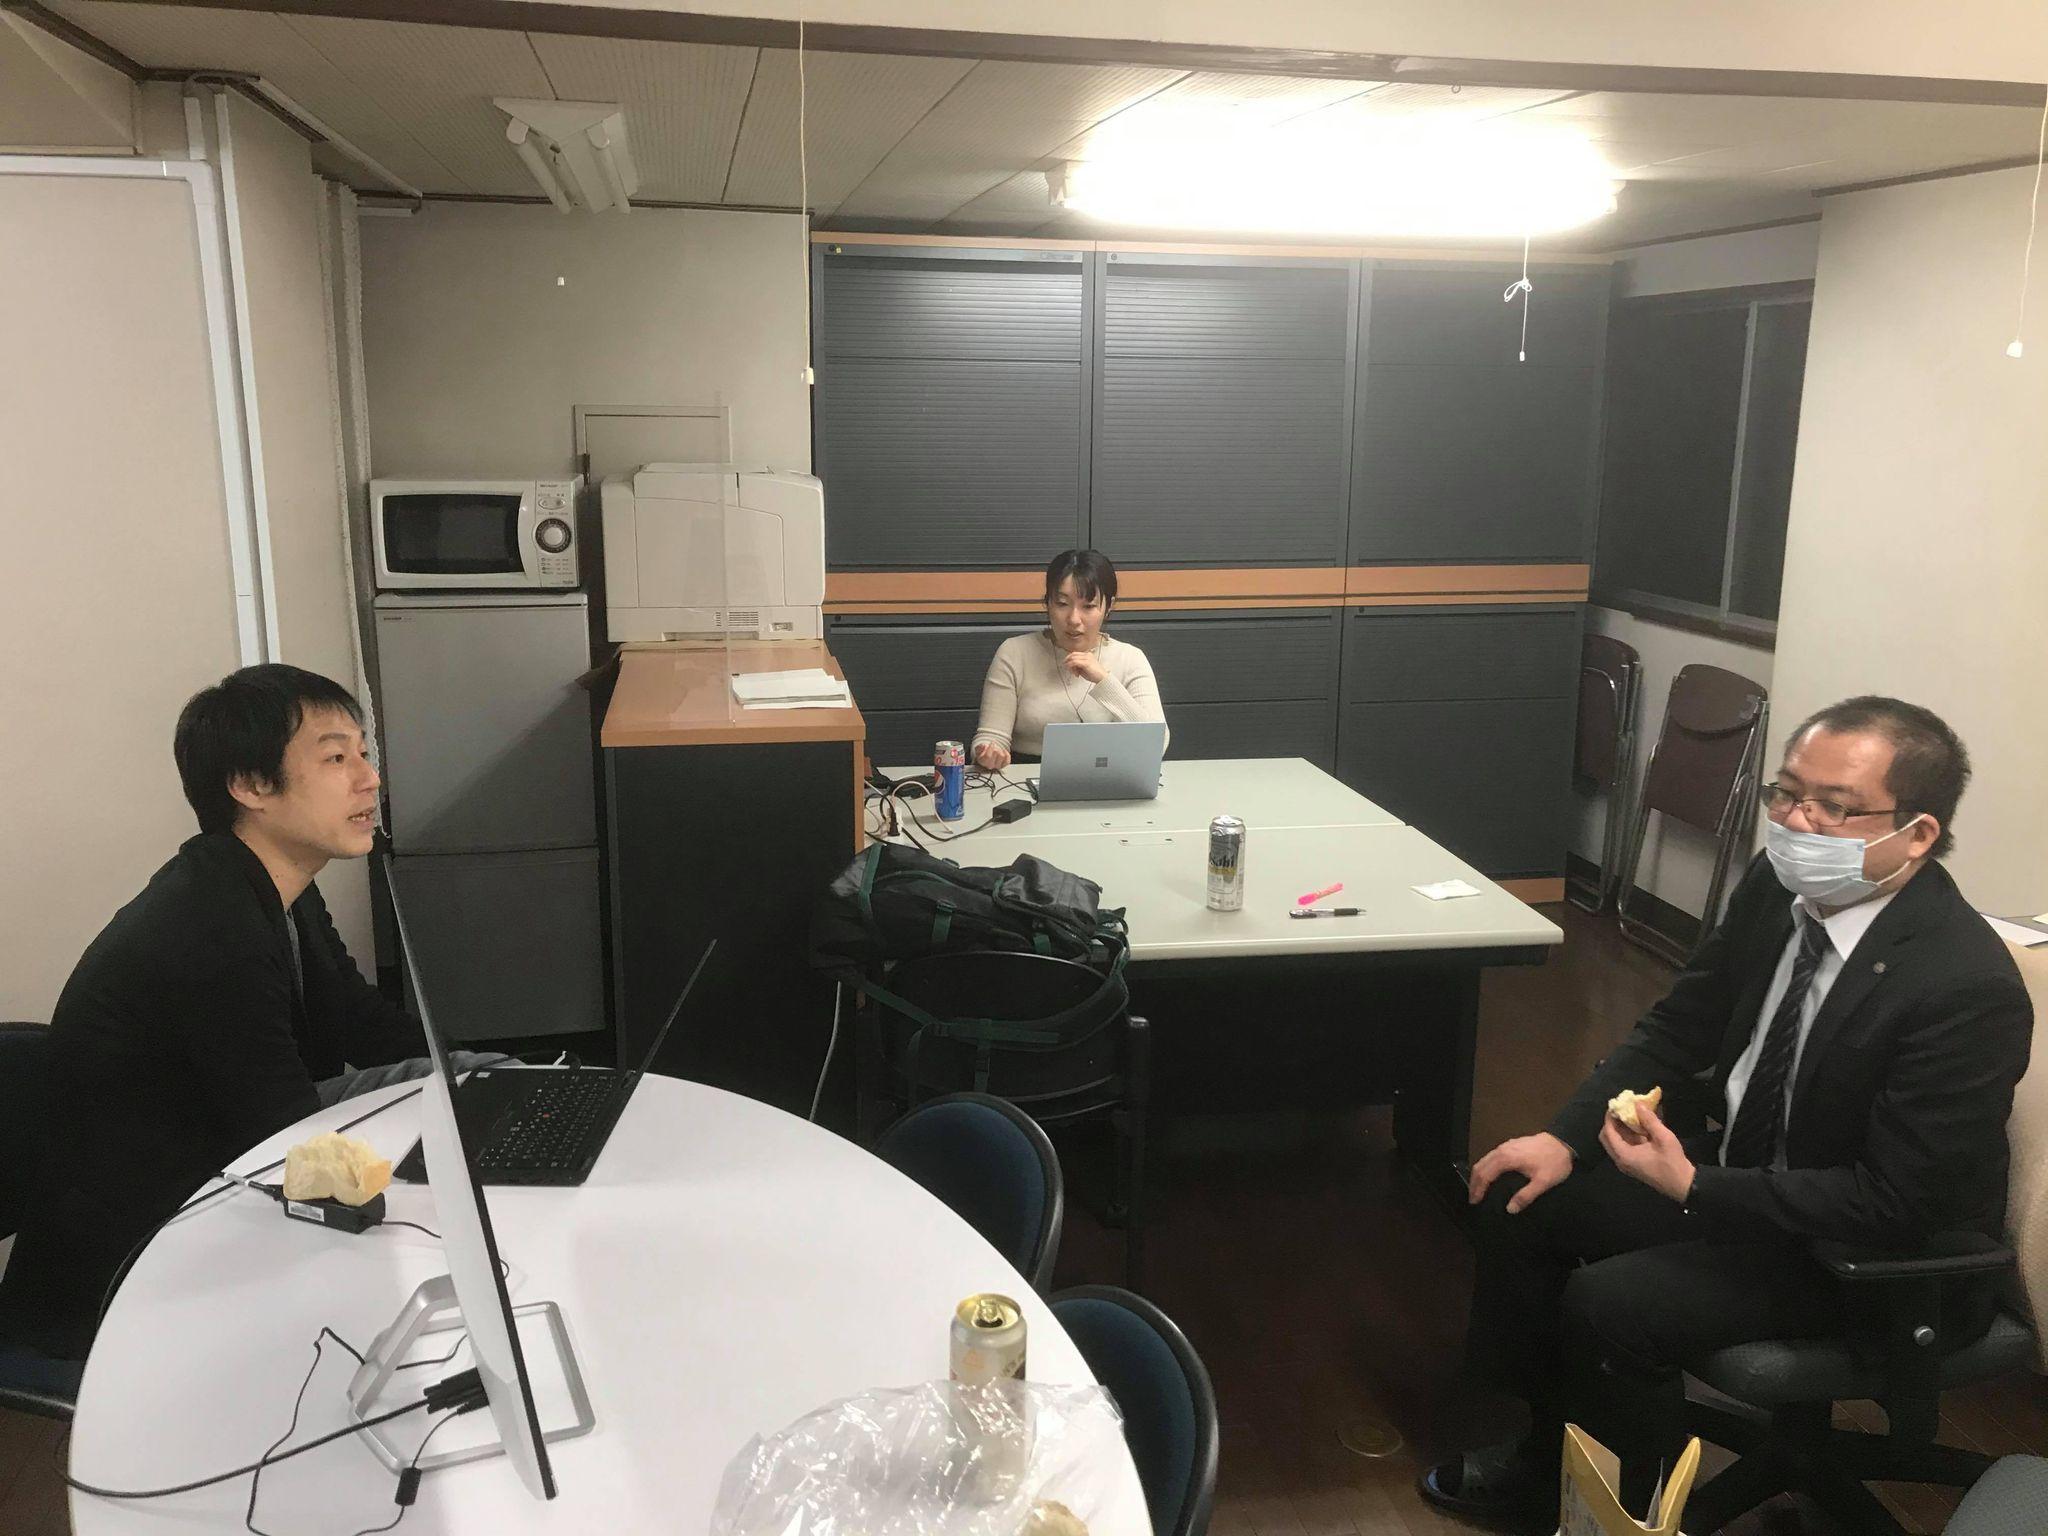 3月12日(金)18:00~ データサインティス勉強会を開催しました